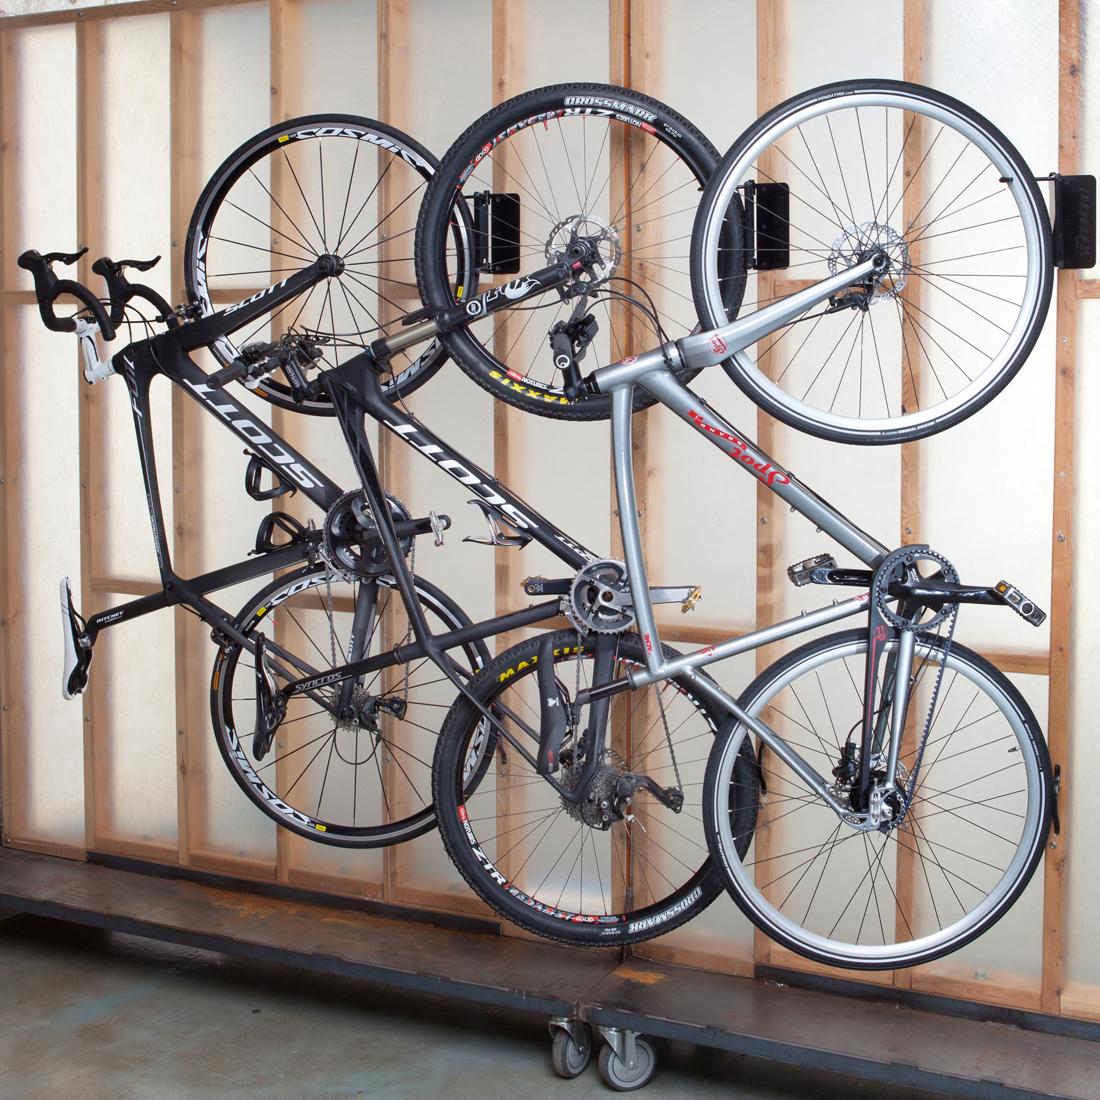 Vægholder til cykel - Velo Hinge   bike_storage_hanger_component